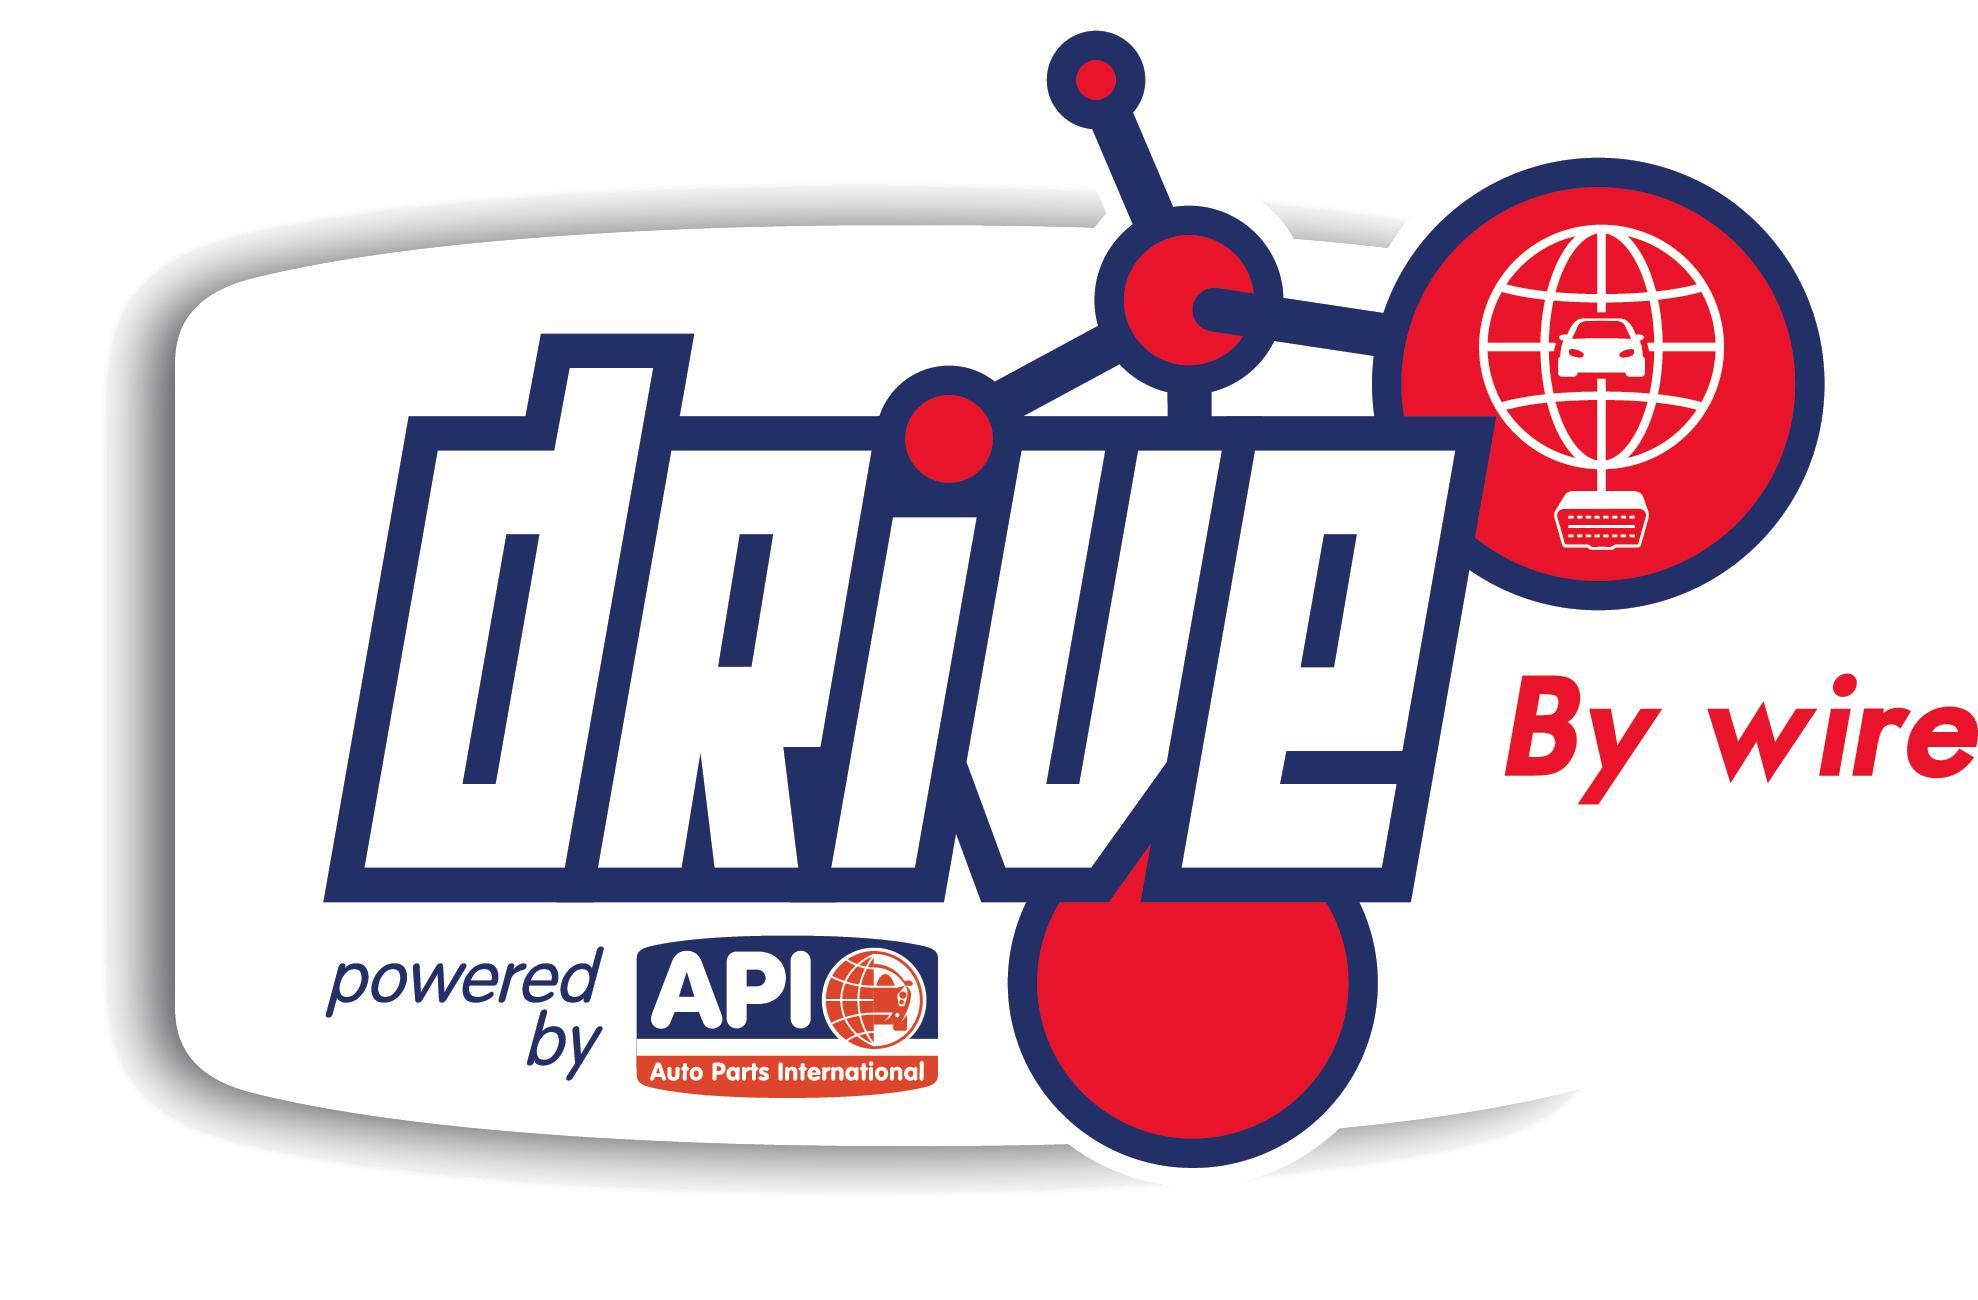 De modules van API Drive werden aangevuld met API Drive By wire en API Drive Mobility